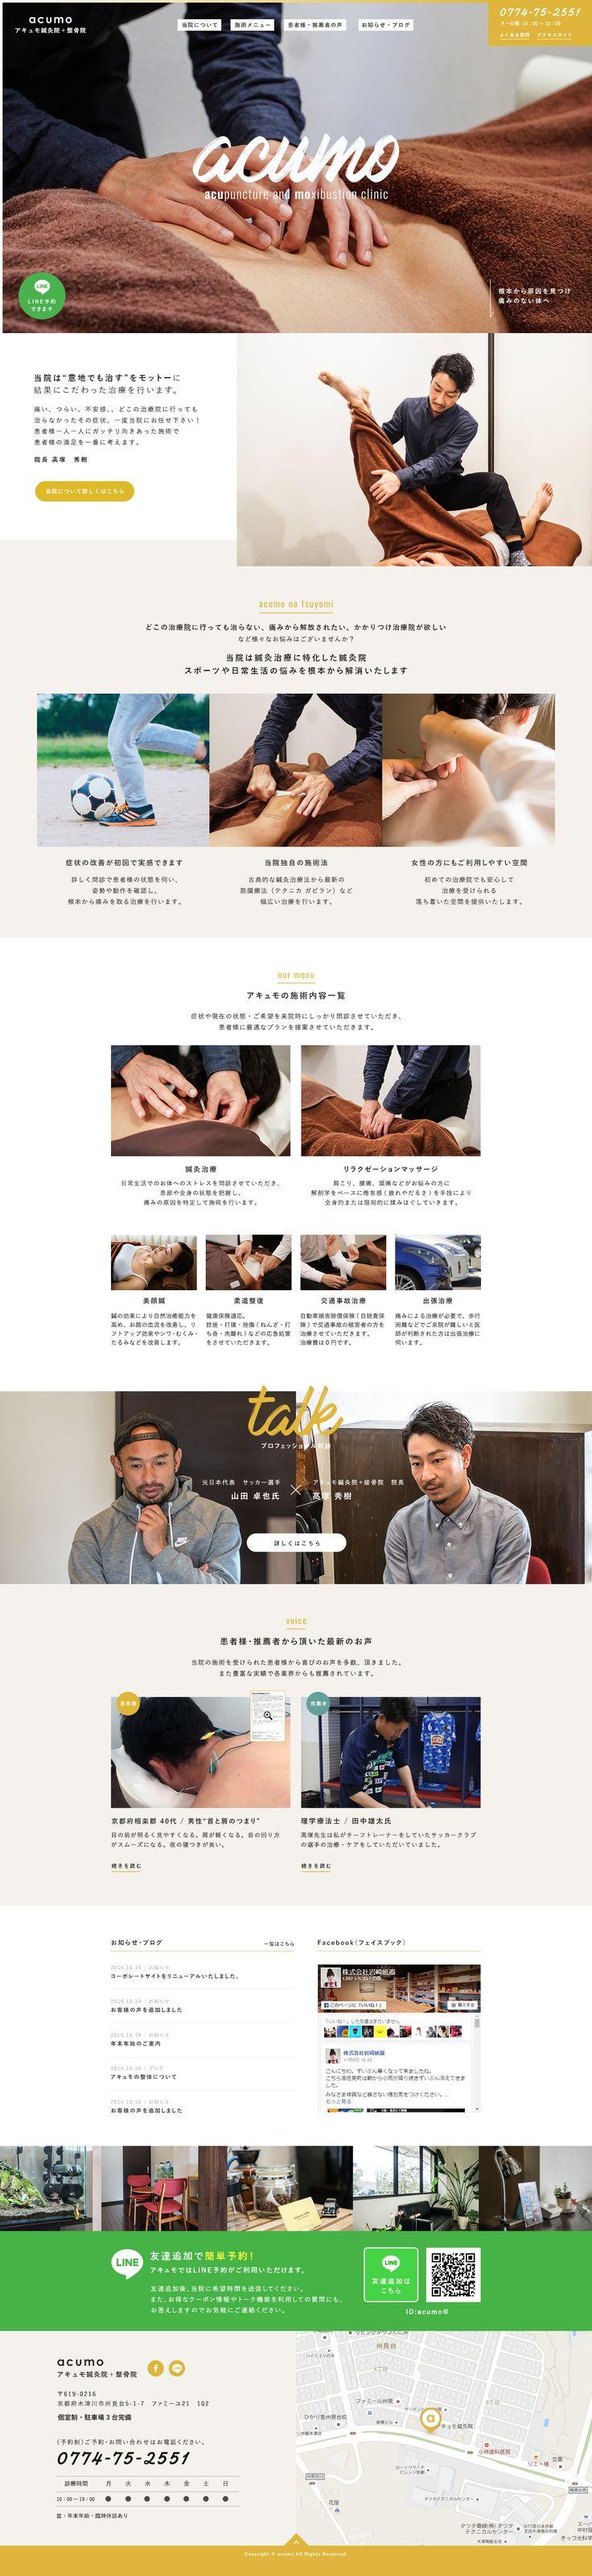 アキュモ鍼灸院 #Webデザイン #Design #鍼灸・整骨院